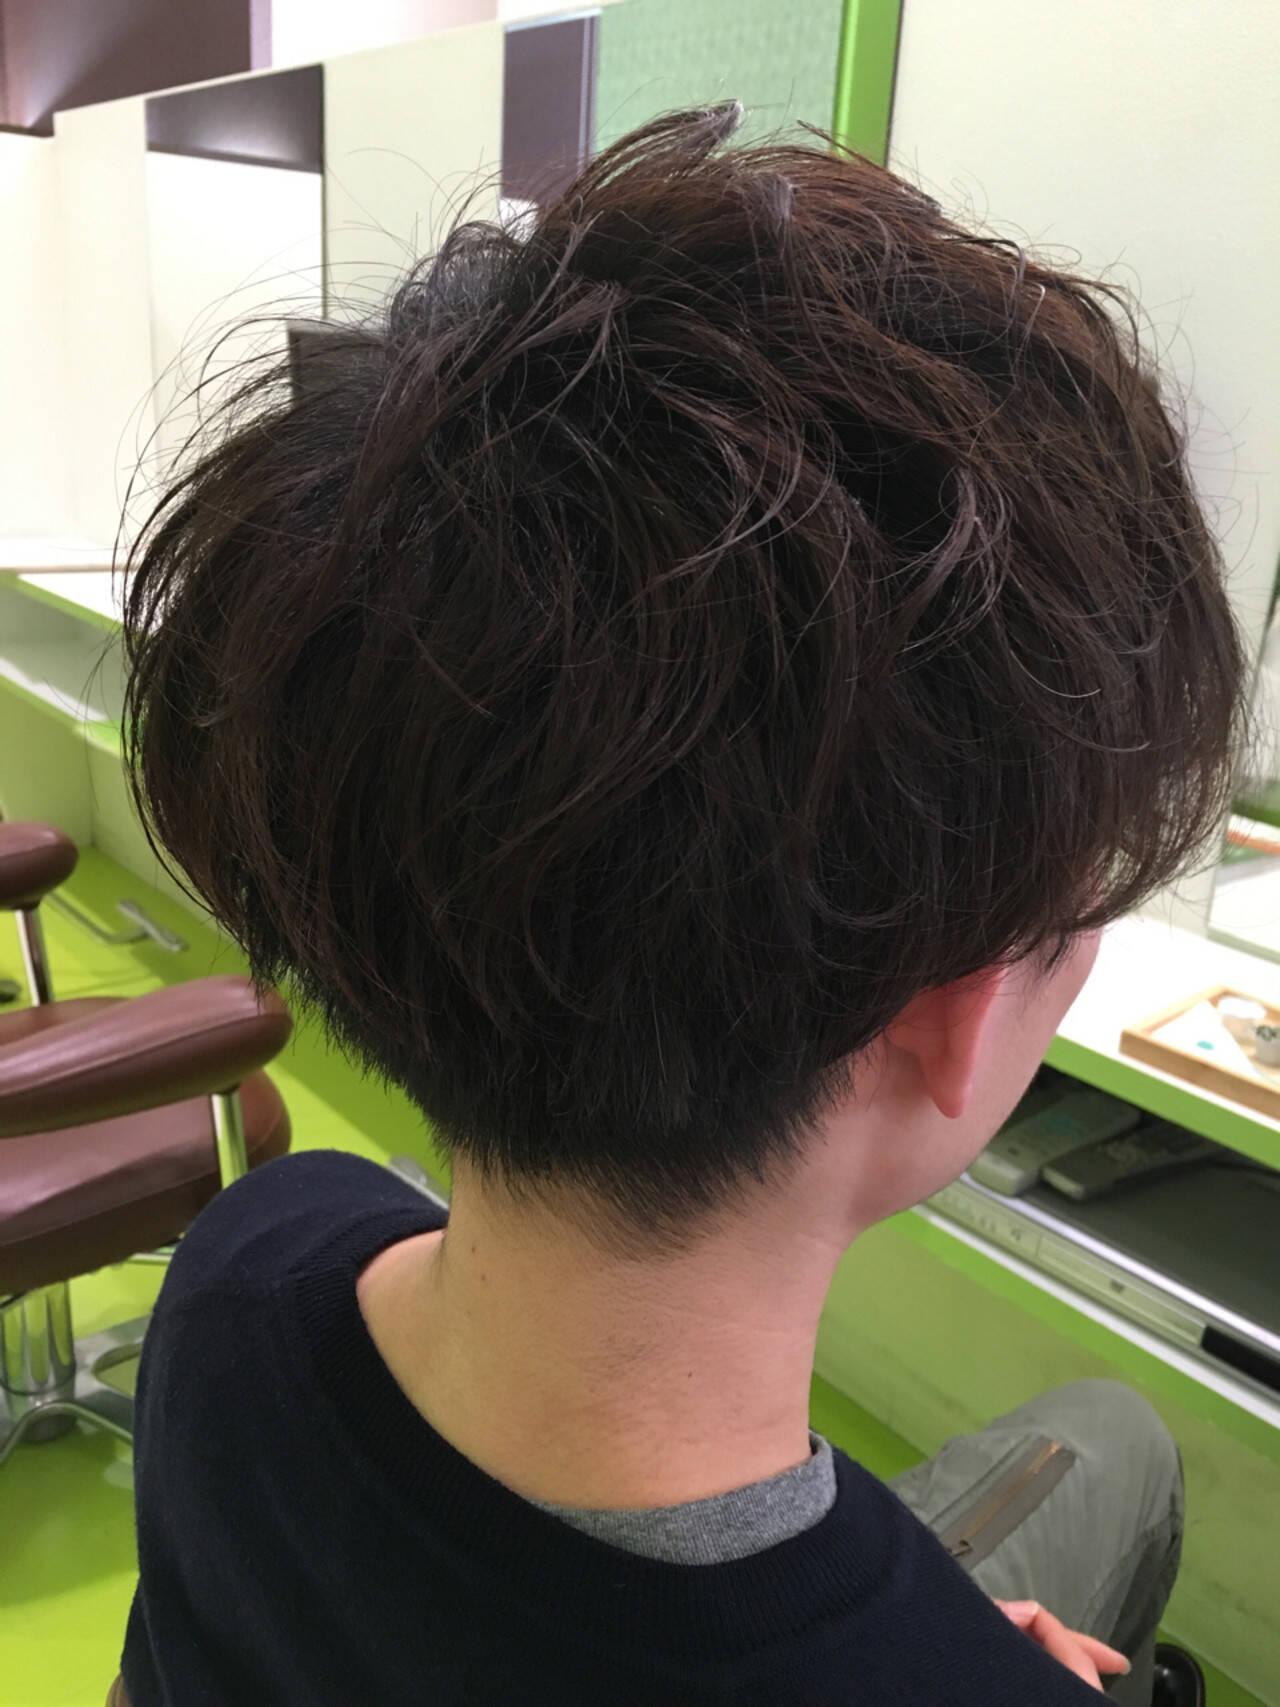 マッシュ パーマ ナチュラル ショートヘアスタイルや髪型の写真・画像